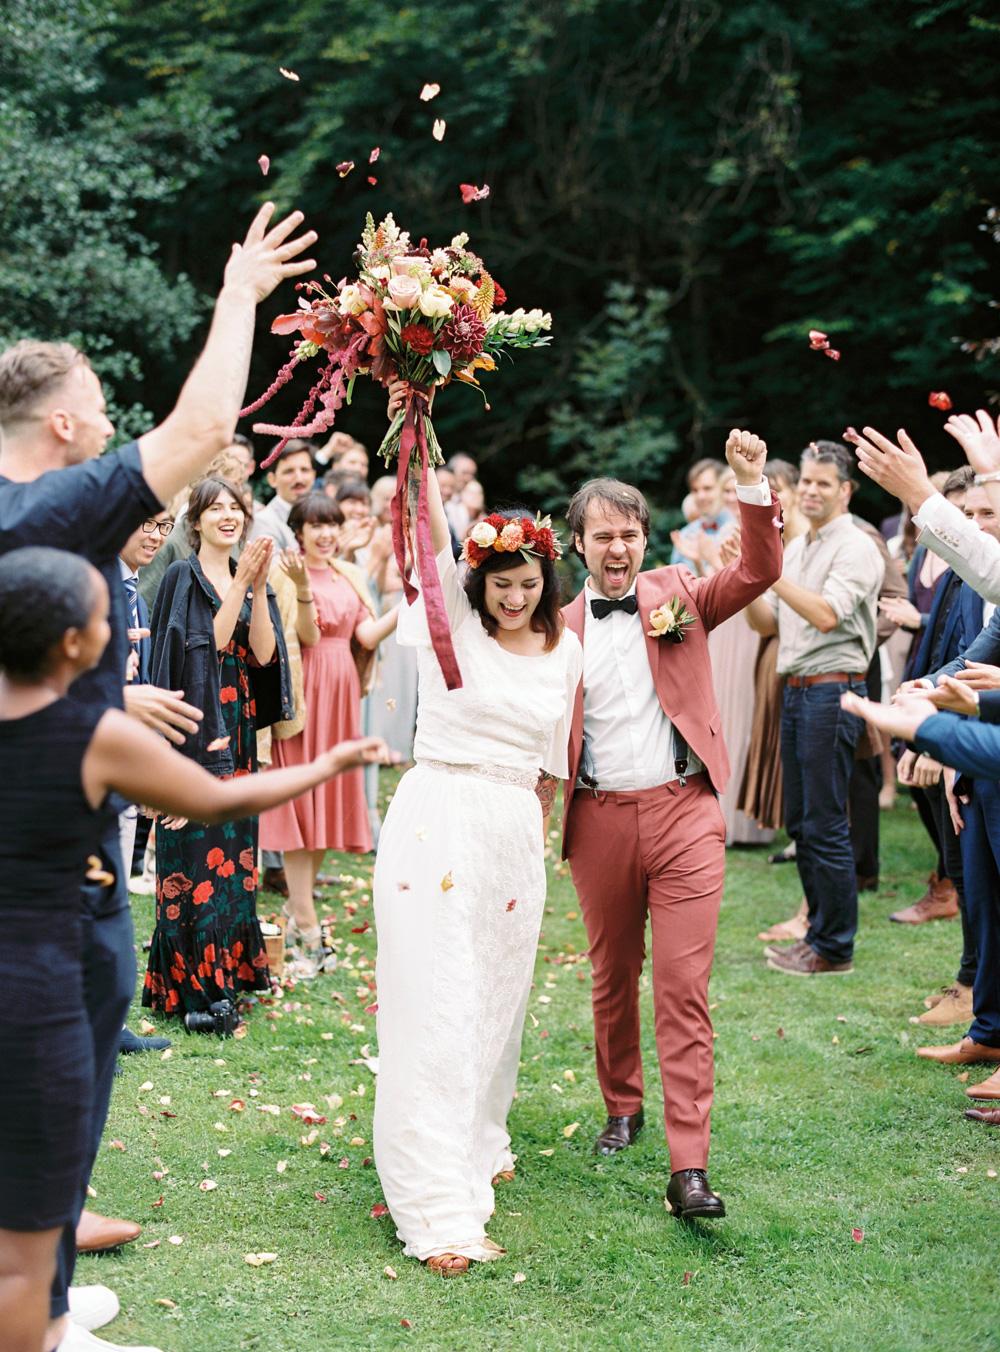 camp sol wedding weekend - wesley nulens-113.jpg